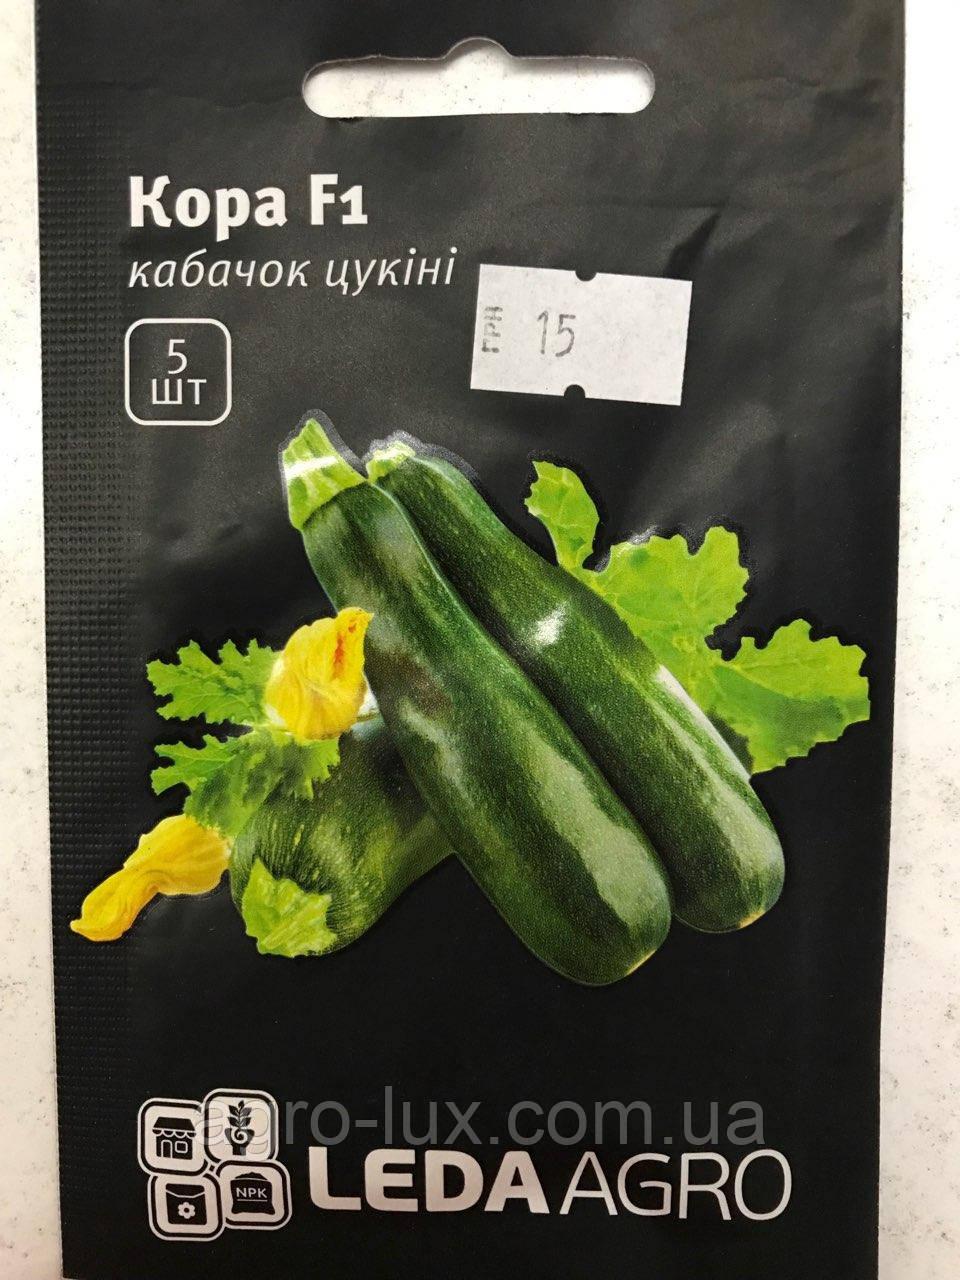 Семена кабачка цукини Кора F1 5 шт